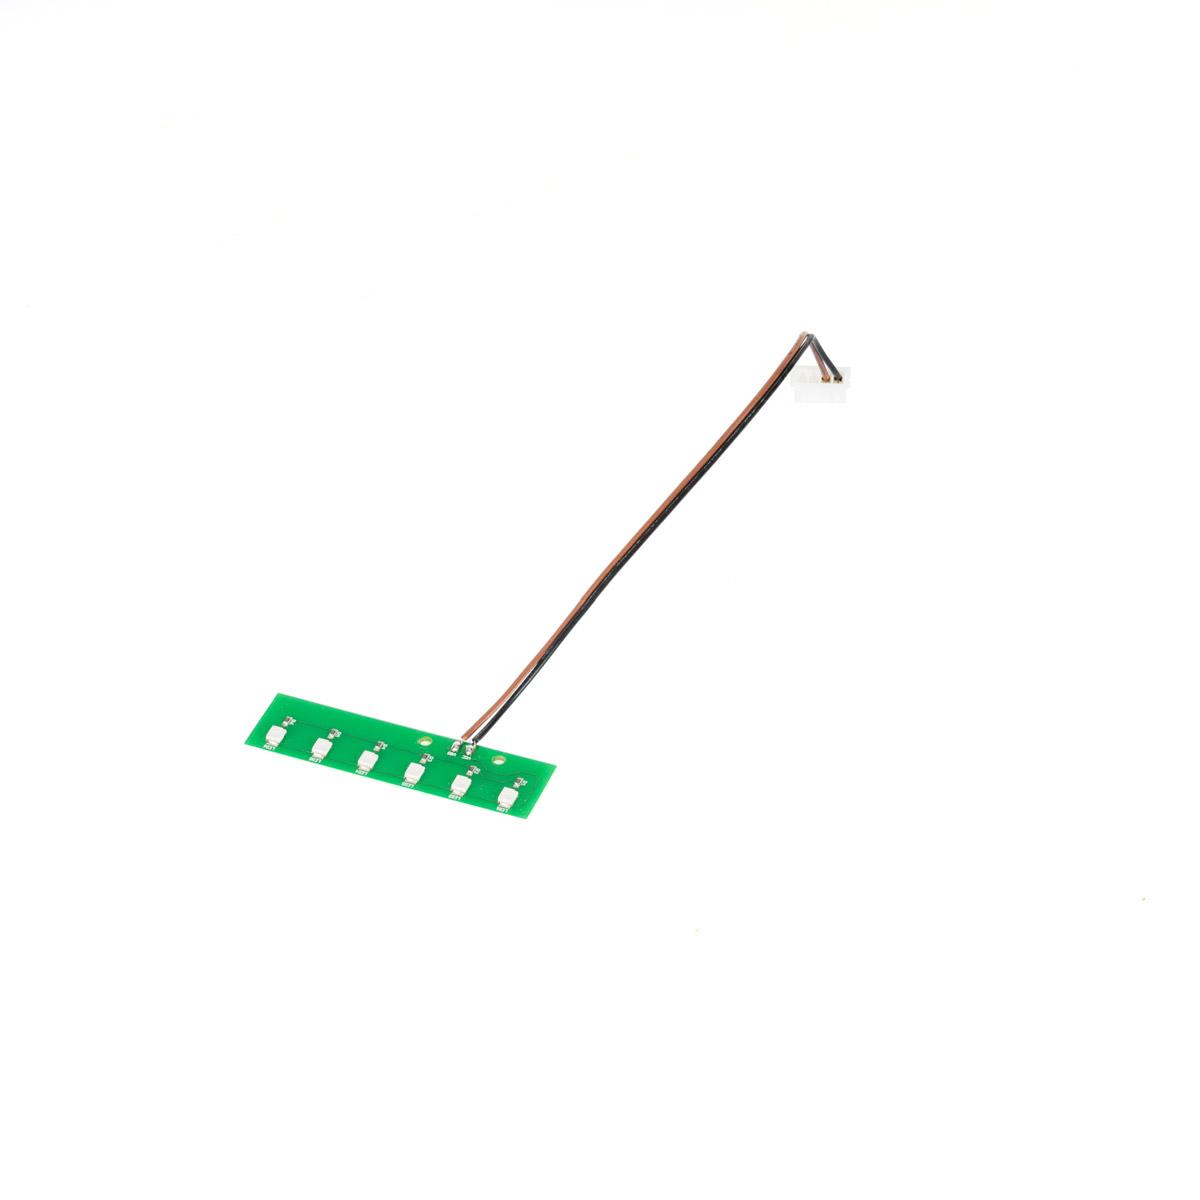 Leuchtdiode grün